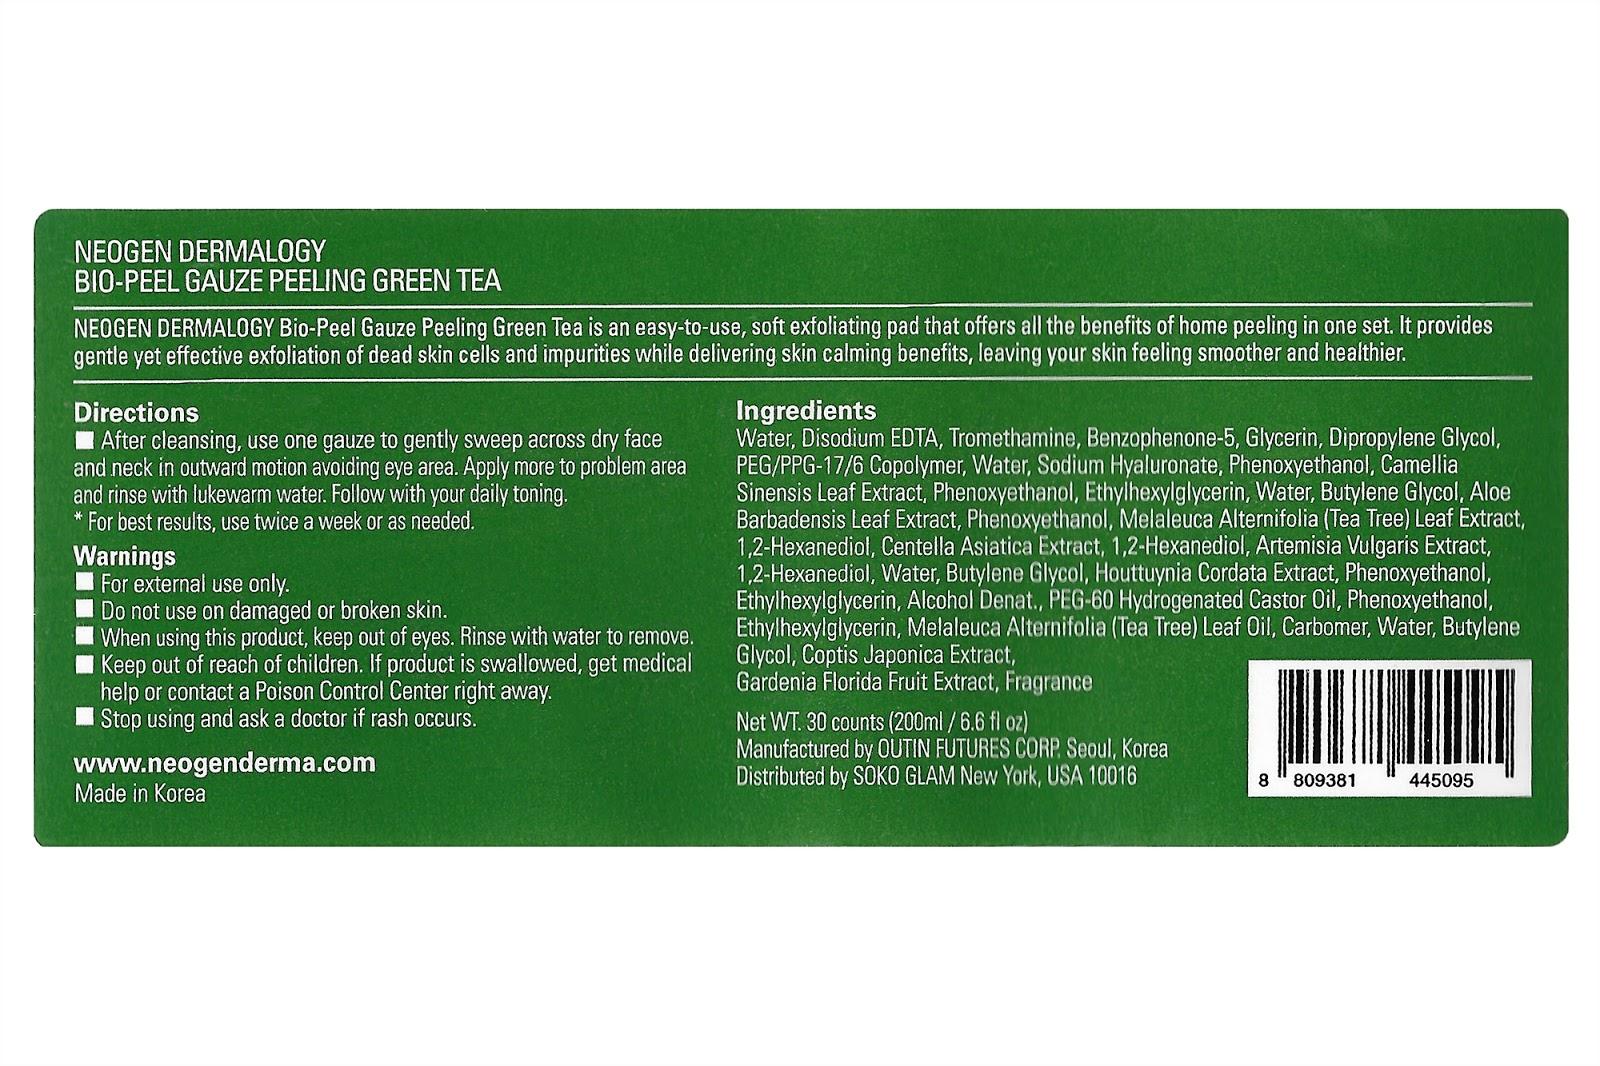 lavlilacs NEOGEN DERMALOGY Bio-Peel Gauze Peeling - Green Tea label